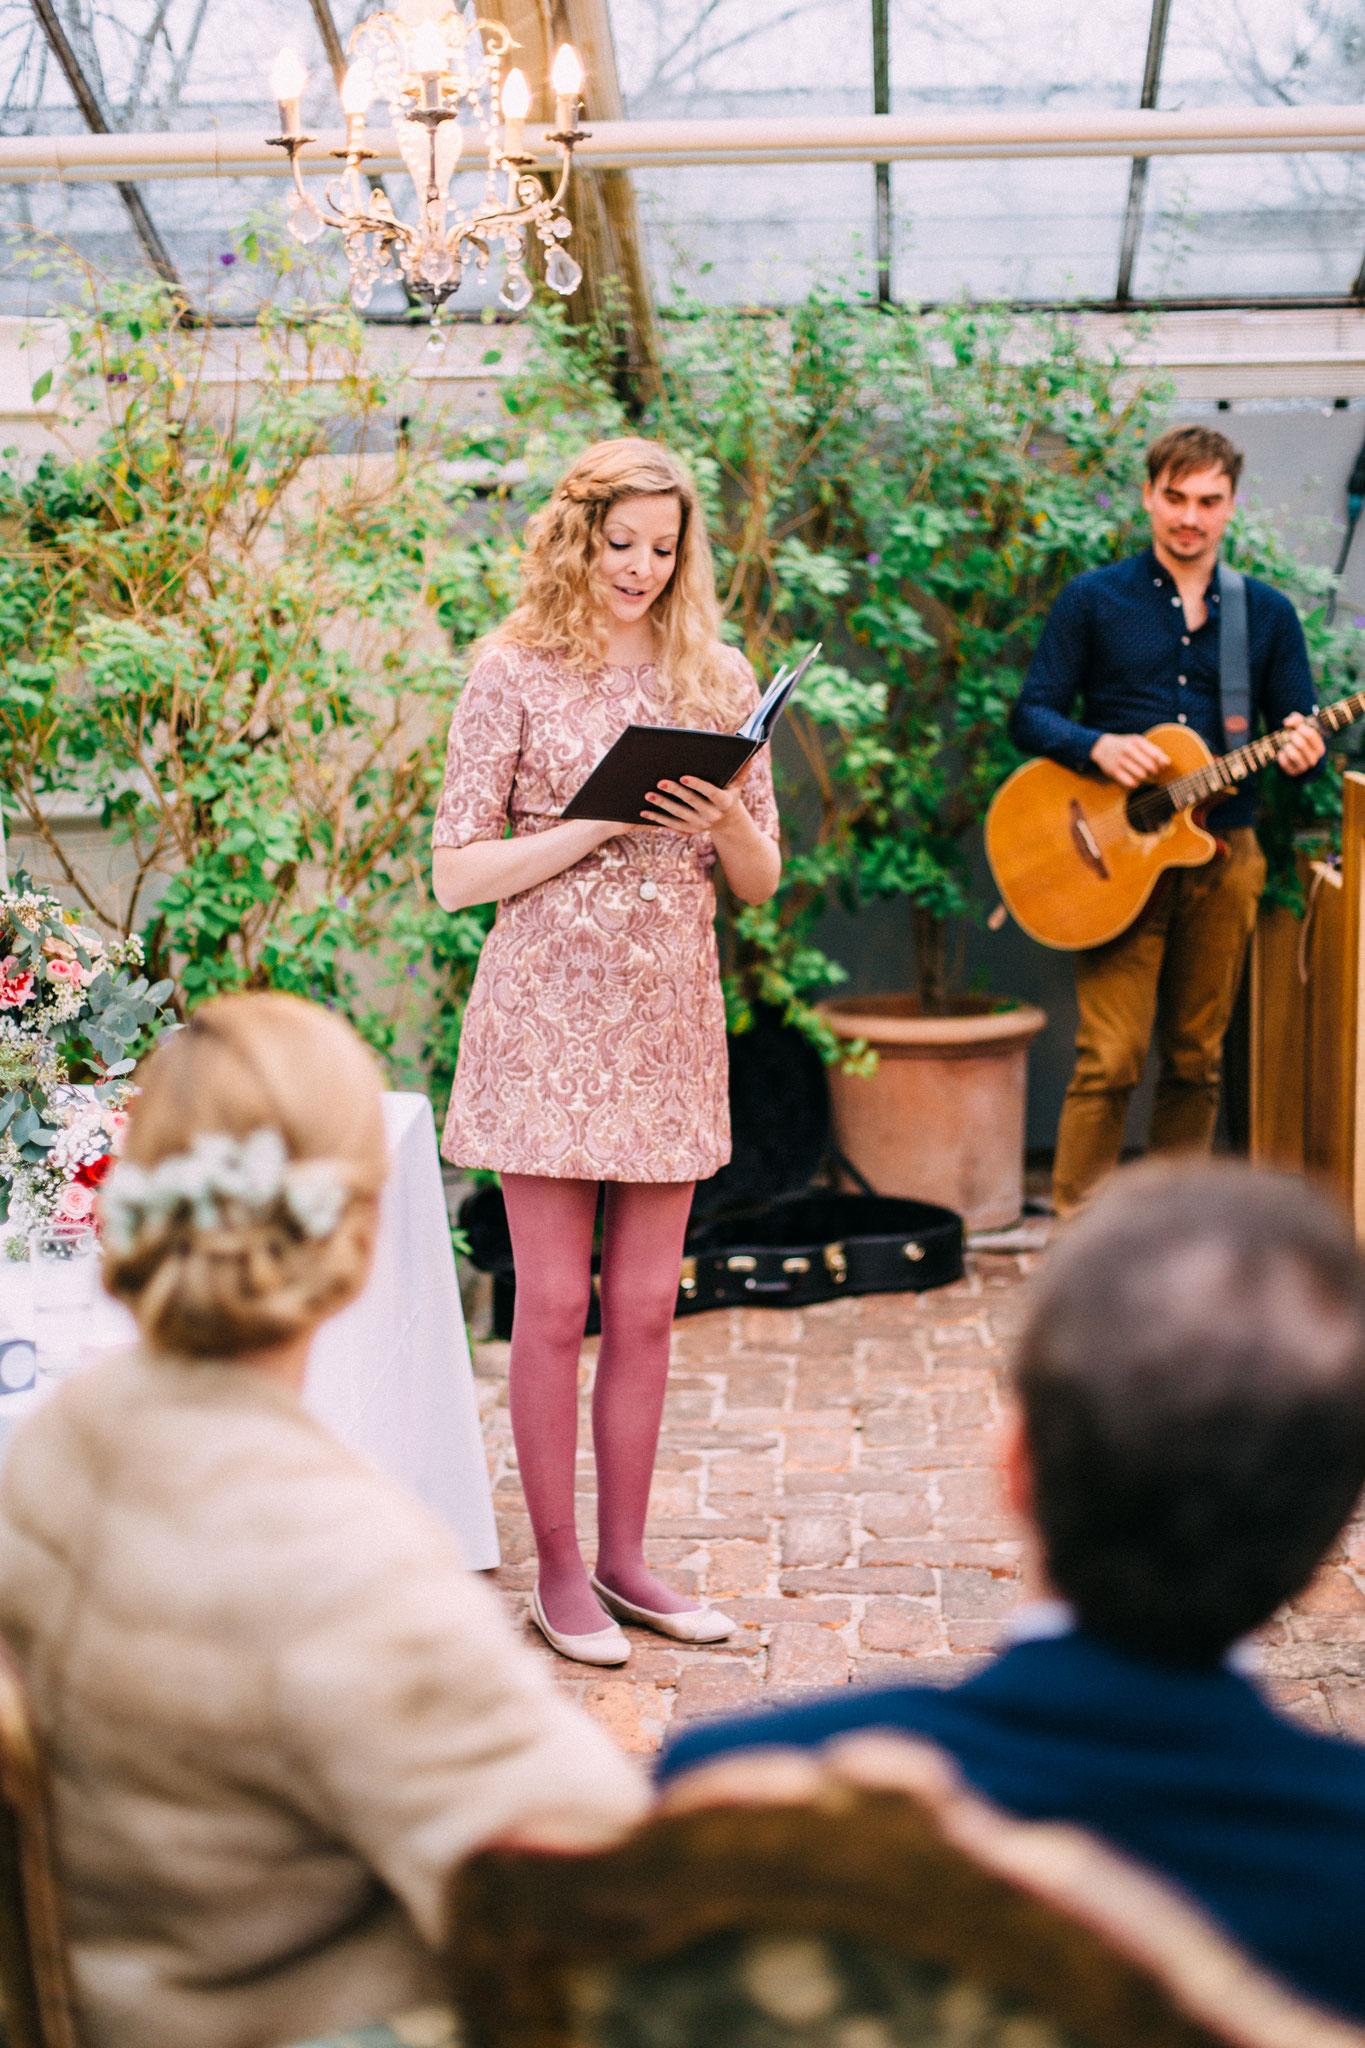 Die musikalische Begleitung sorgt für emotionale Höhepunkte während einer Trauung (Foto: Pabe Fotografie)